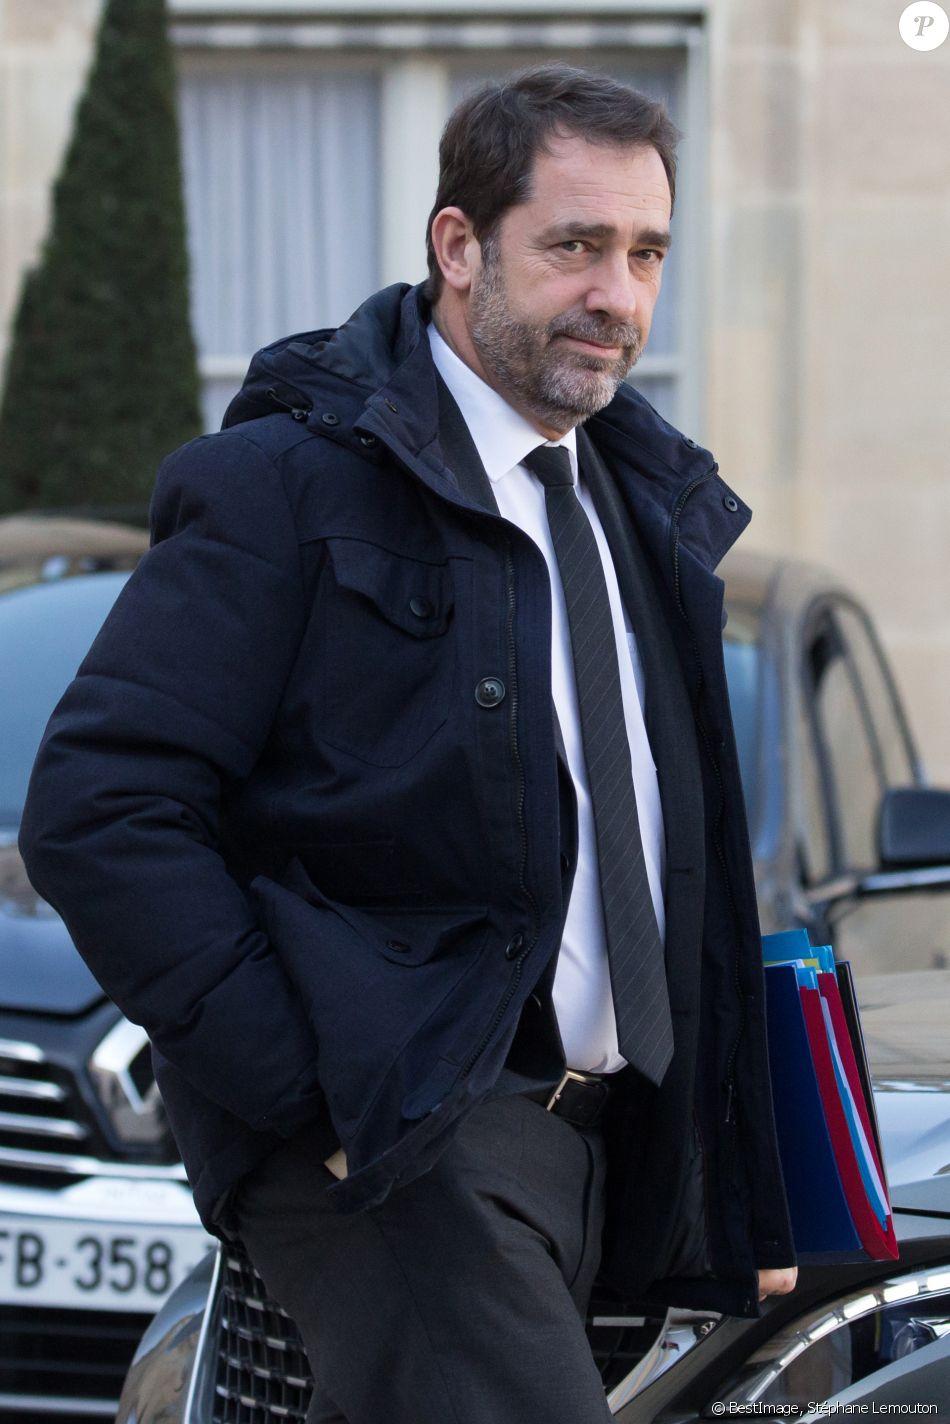 Christophe Castaner, ministre de l'intérieur à la sortie du conseil des ministres du 13 février 2019 au palais de l'Elysée à Paris le 13 février 2019. © Stéphane Lemouton / Bestimage